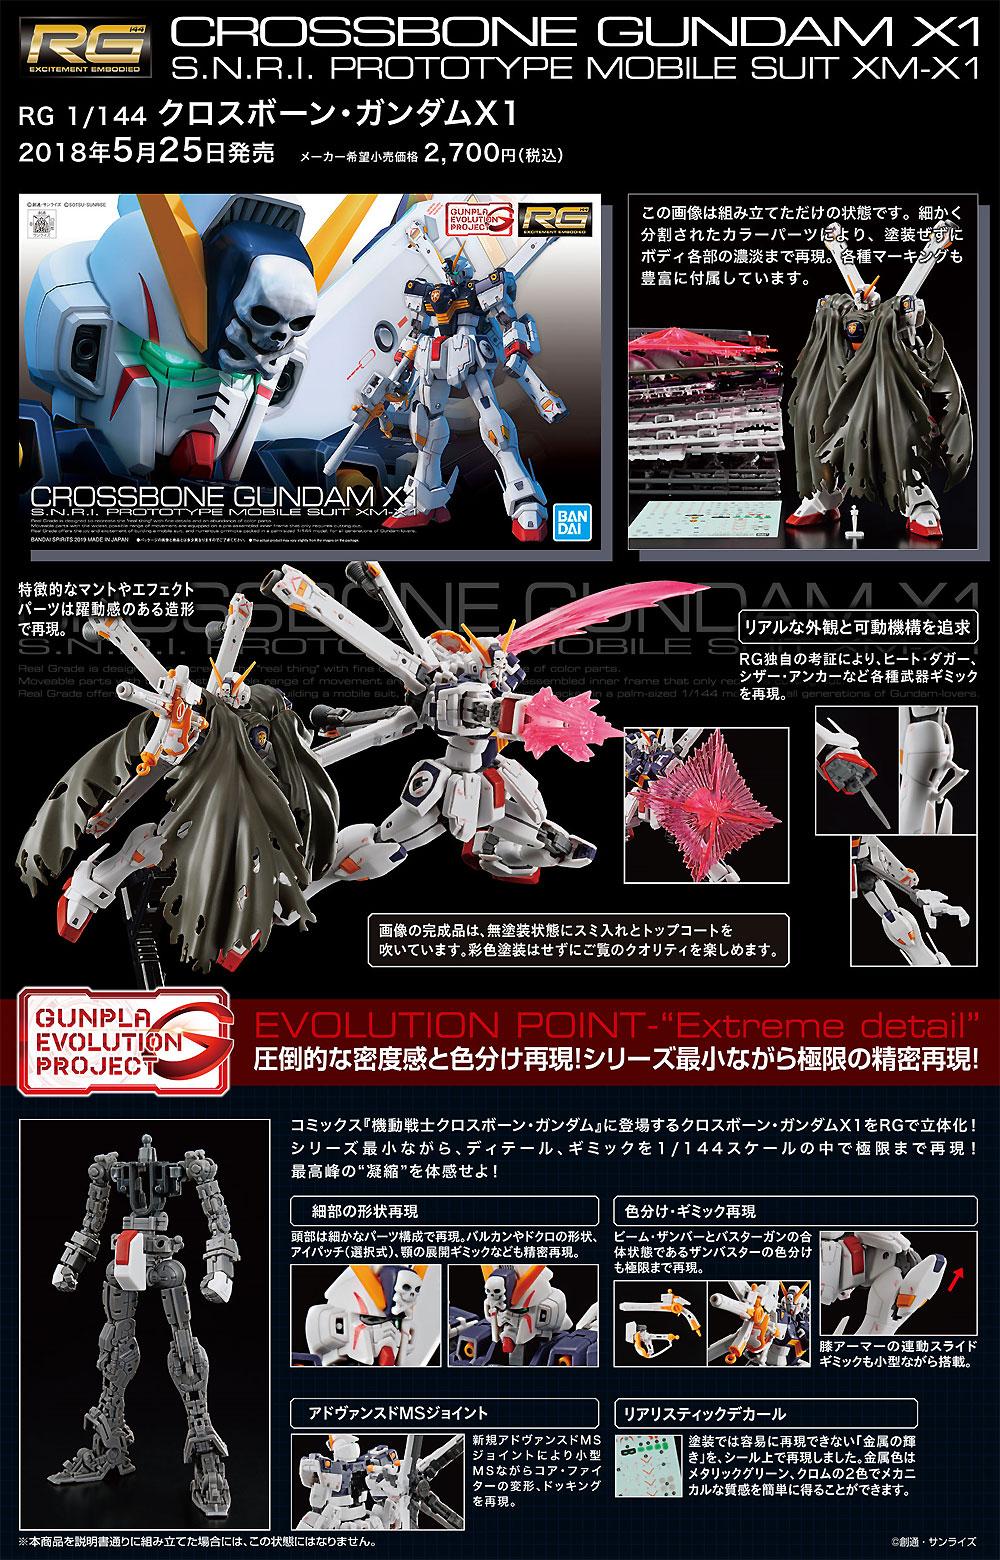 XM-X1 クロスボーン ガンダム X1プラモデル(バンダイRG (リアルグレード)No.031)商品画像_4